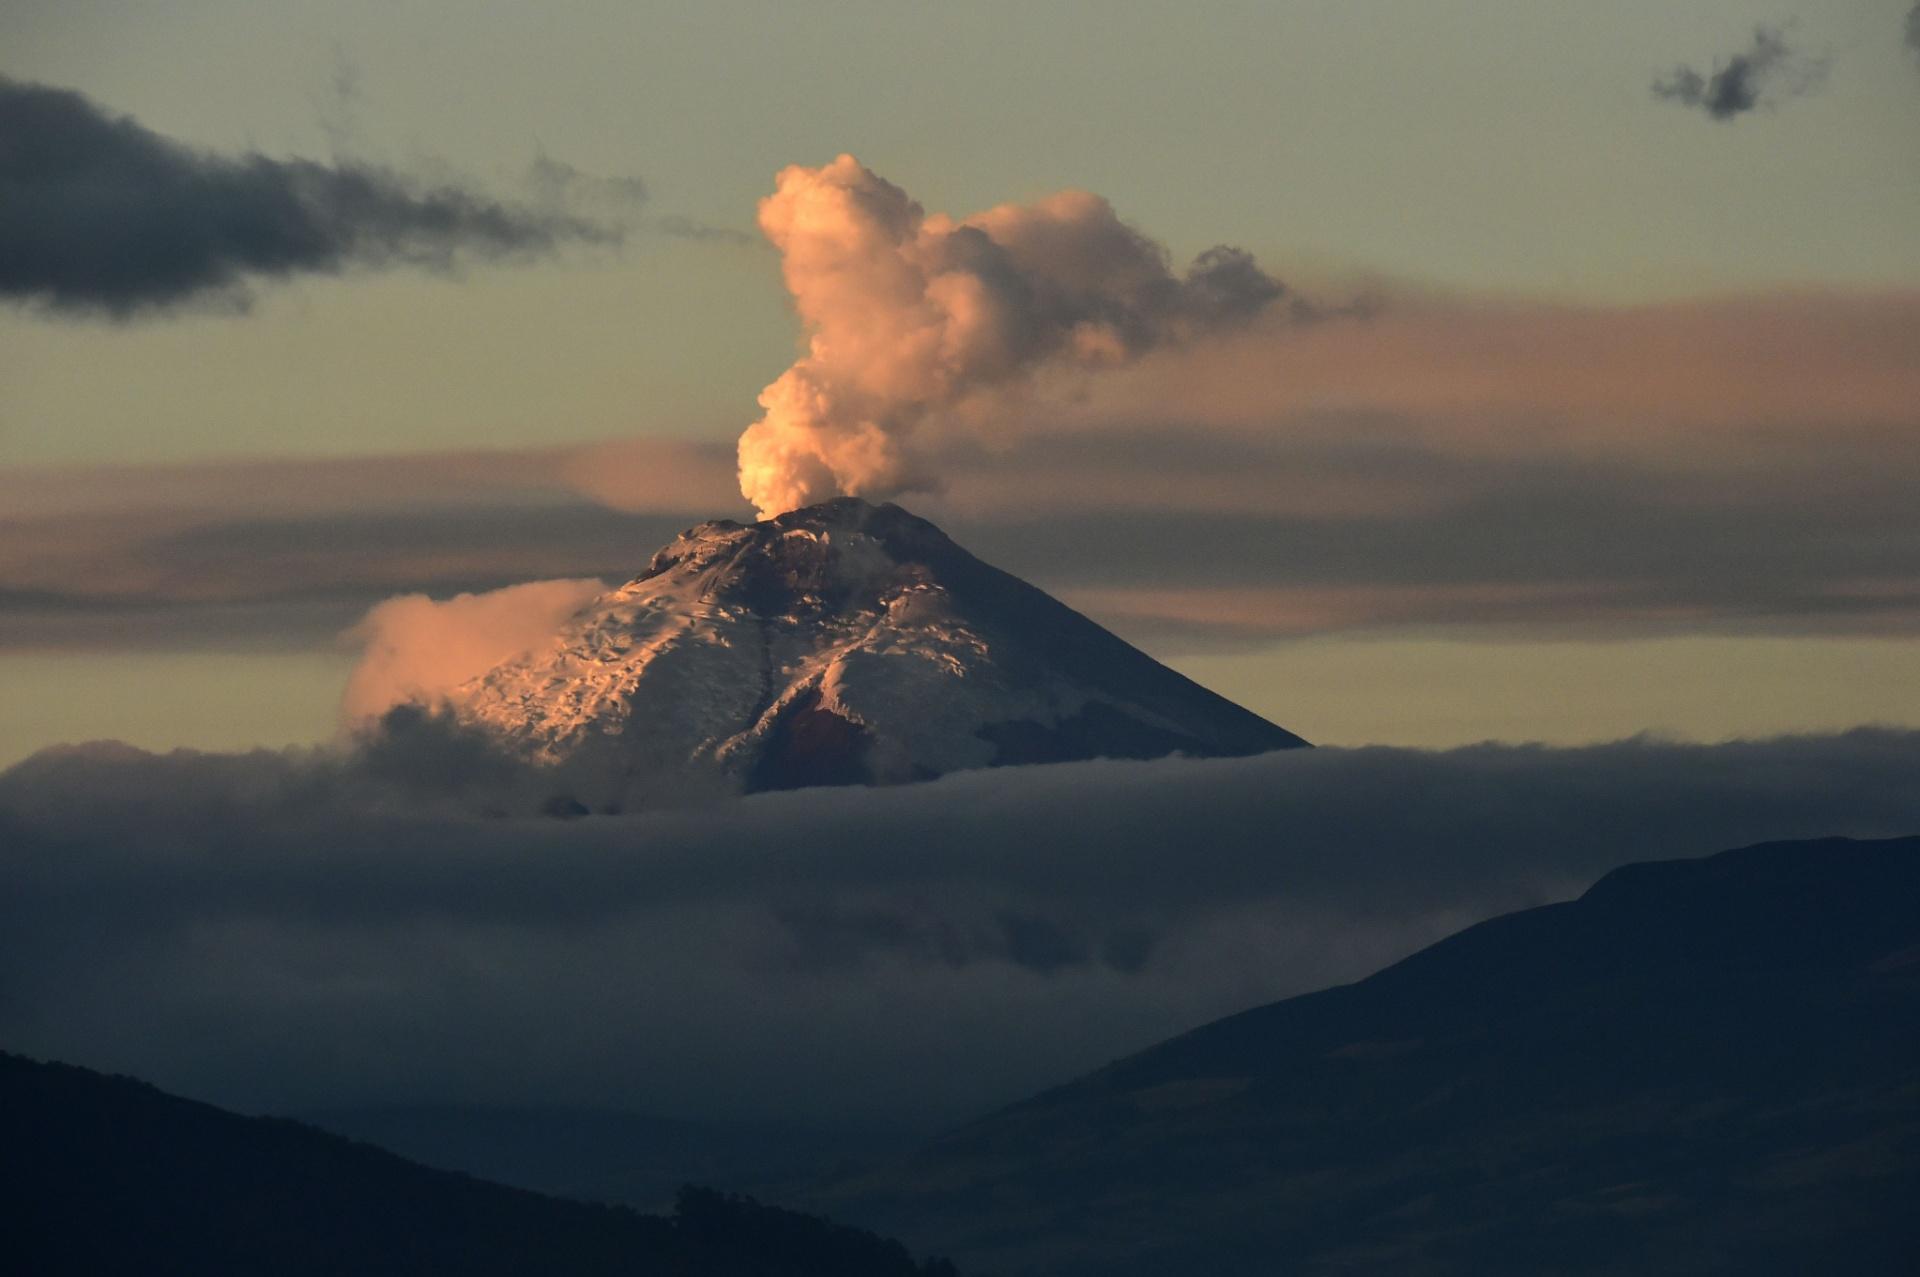 21.set.2015 - Fumaça é expelida do vulcão Cotopaxi no Equador, em imagem feita desde Quito, capital do país. A atividade vulcânica do Cotopaxi começou no dia 24 de agosto, após 138 anos de silêncio